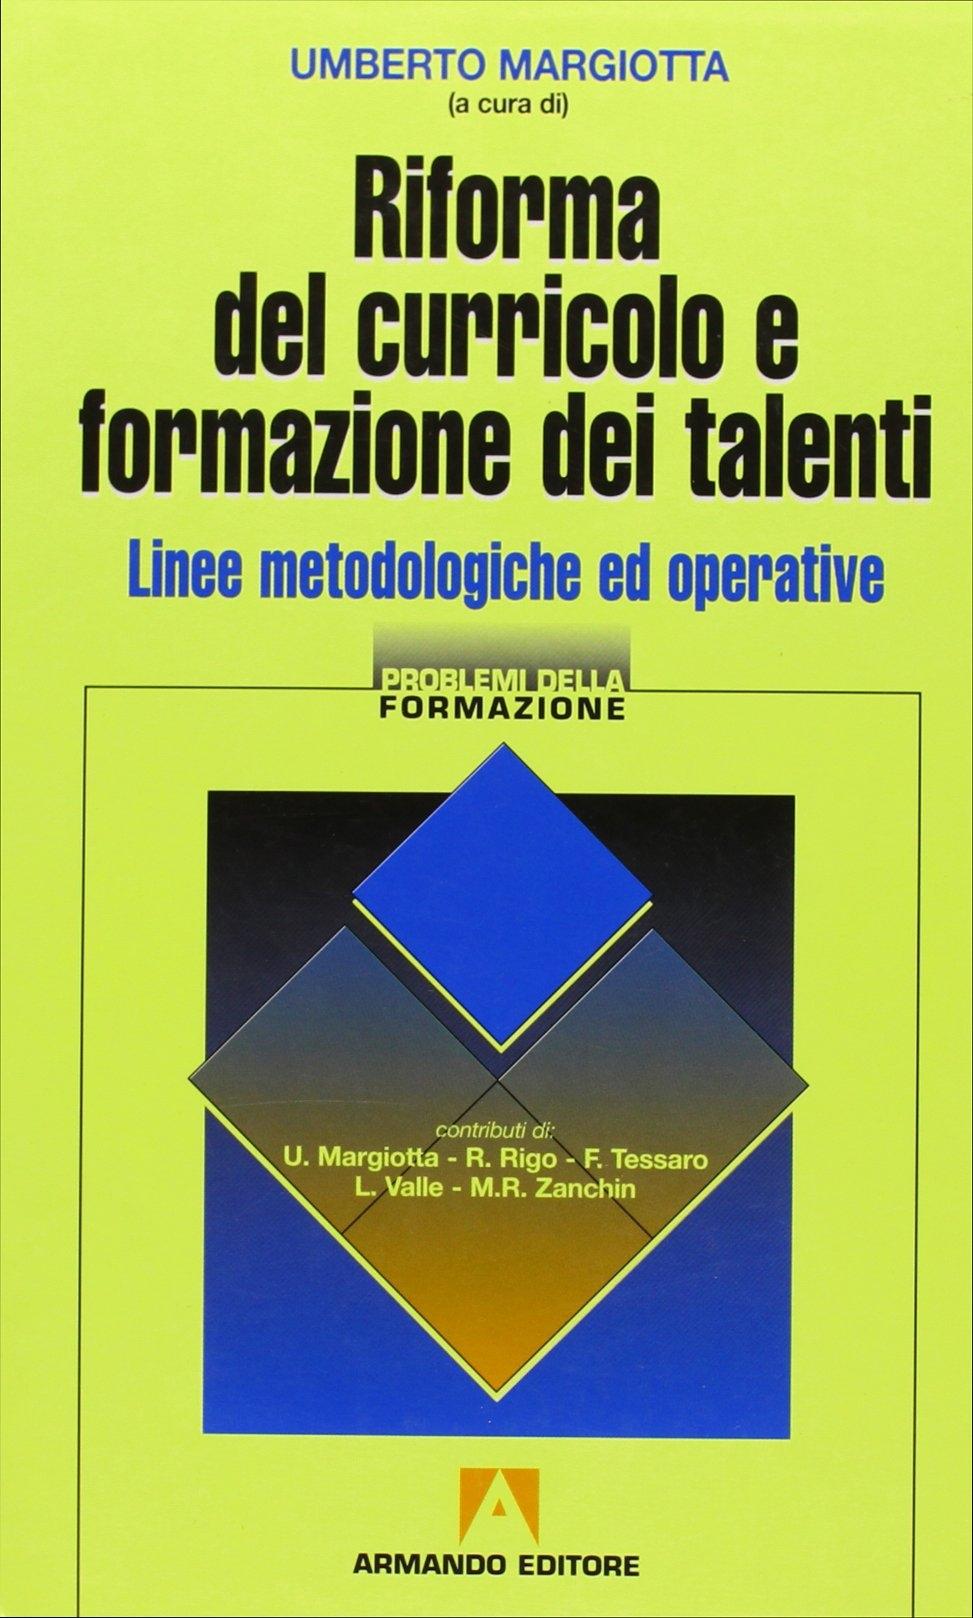 Riforma del curricolo e formazione dei talenti. Linee metodologiche ed operative